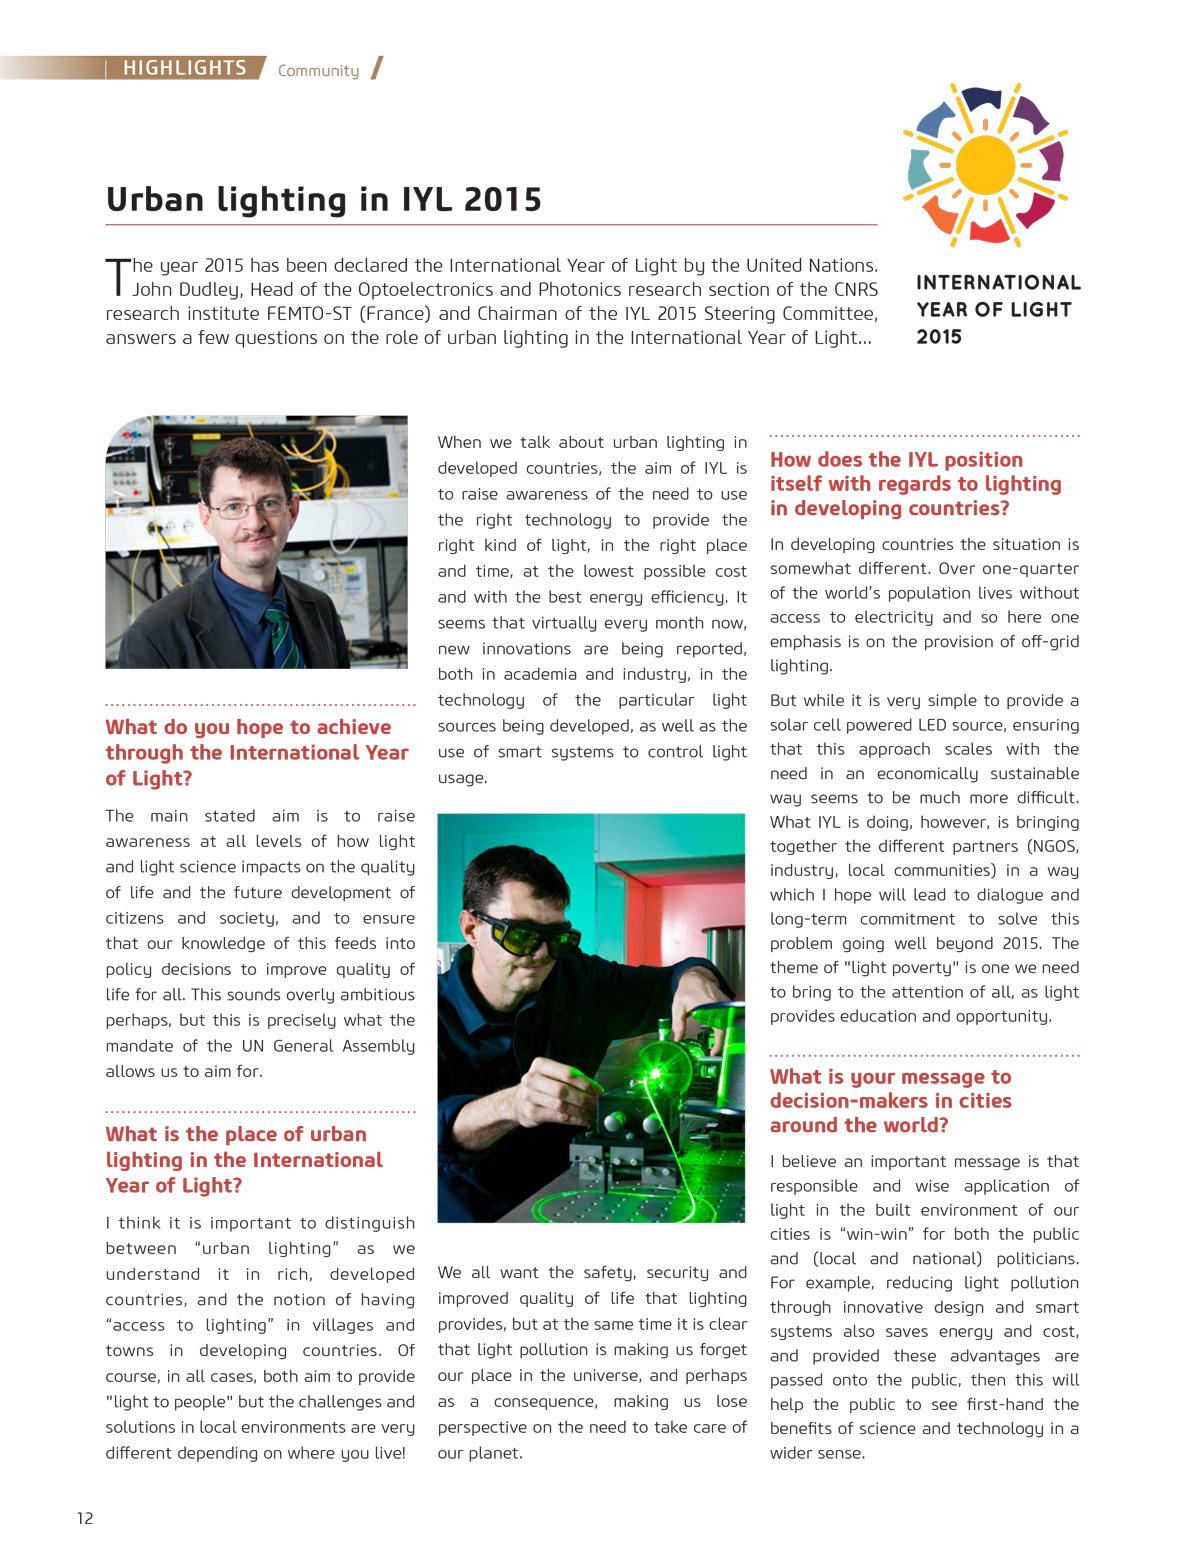 """""""Eclairage urbain dans l'année internationale de la lumière 2015, Interview de John Dudley - Cities & Lighting, LUCI network magazine, n°3, Avril 2015"""